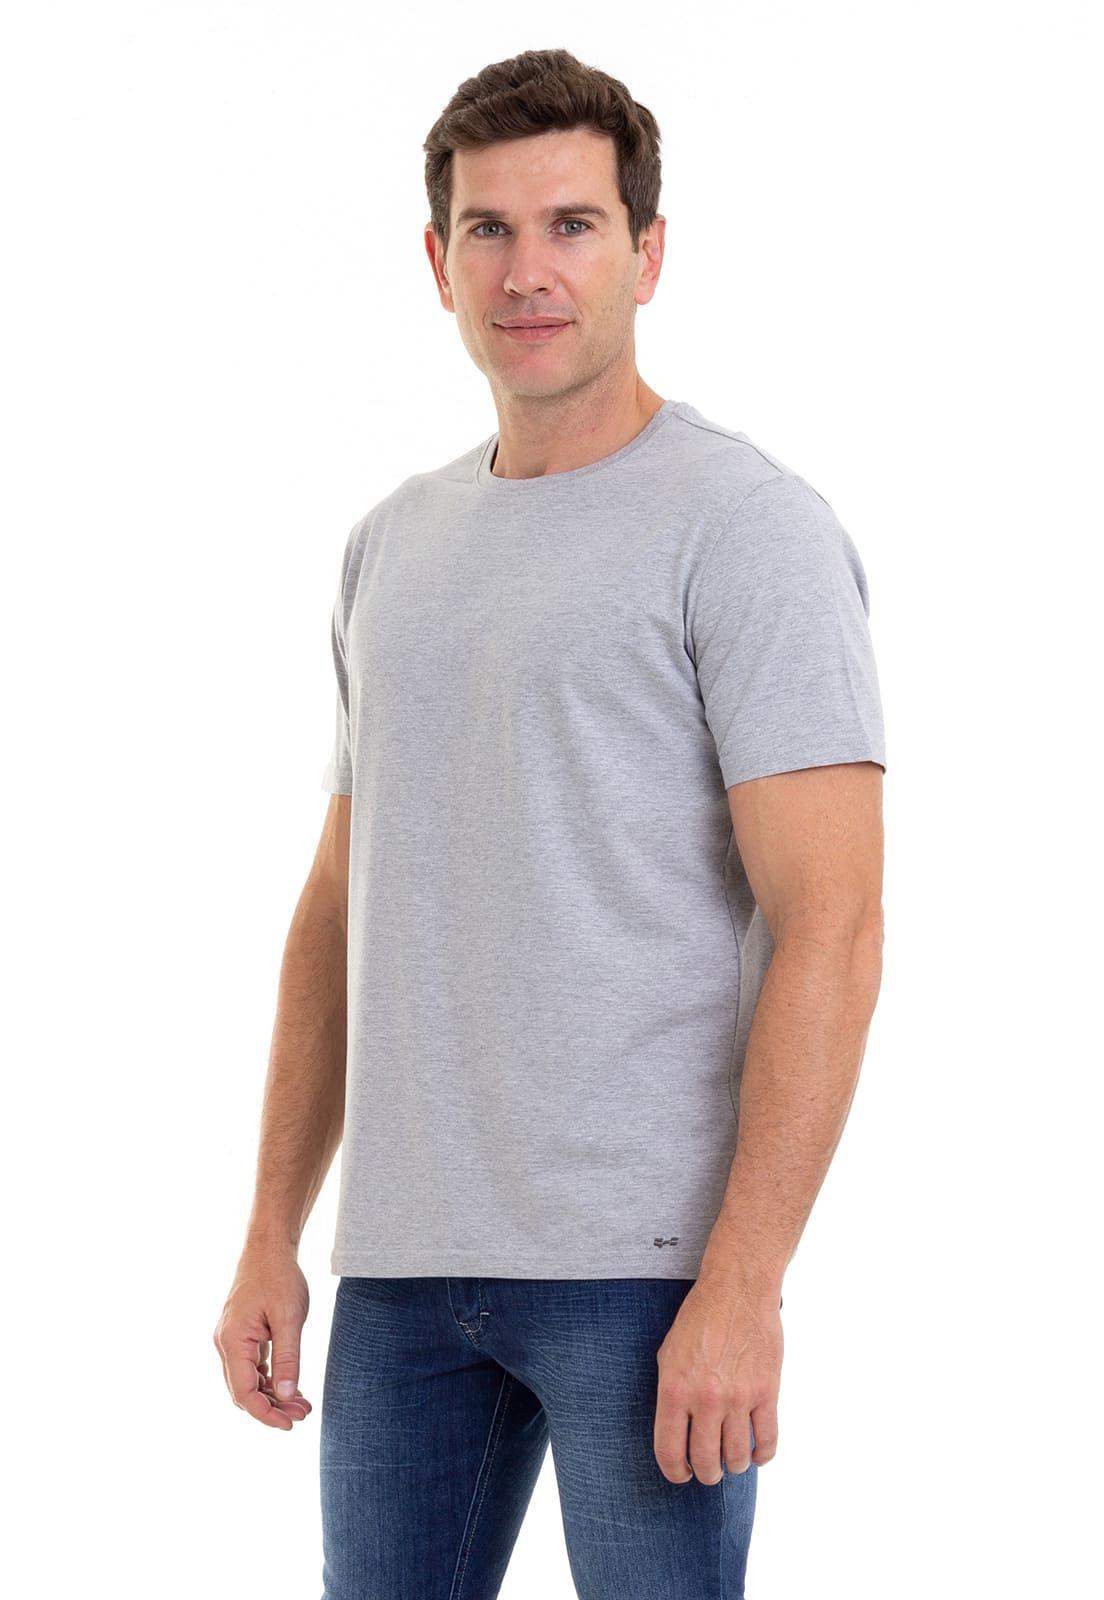 Camiseta Masculina 100% Algodão Super Premium, Na Cor Mescla